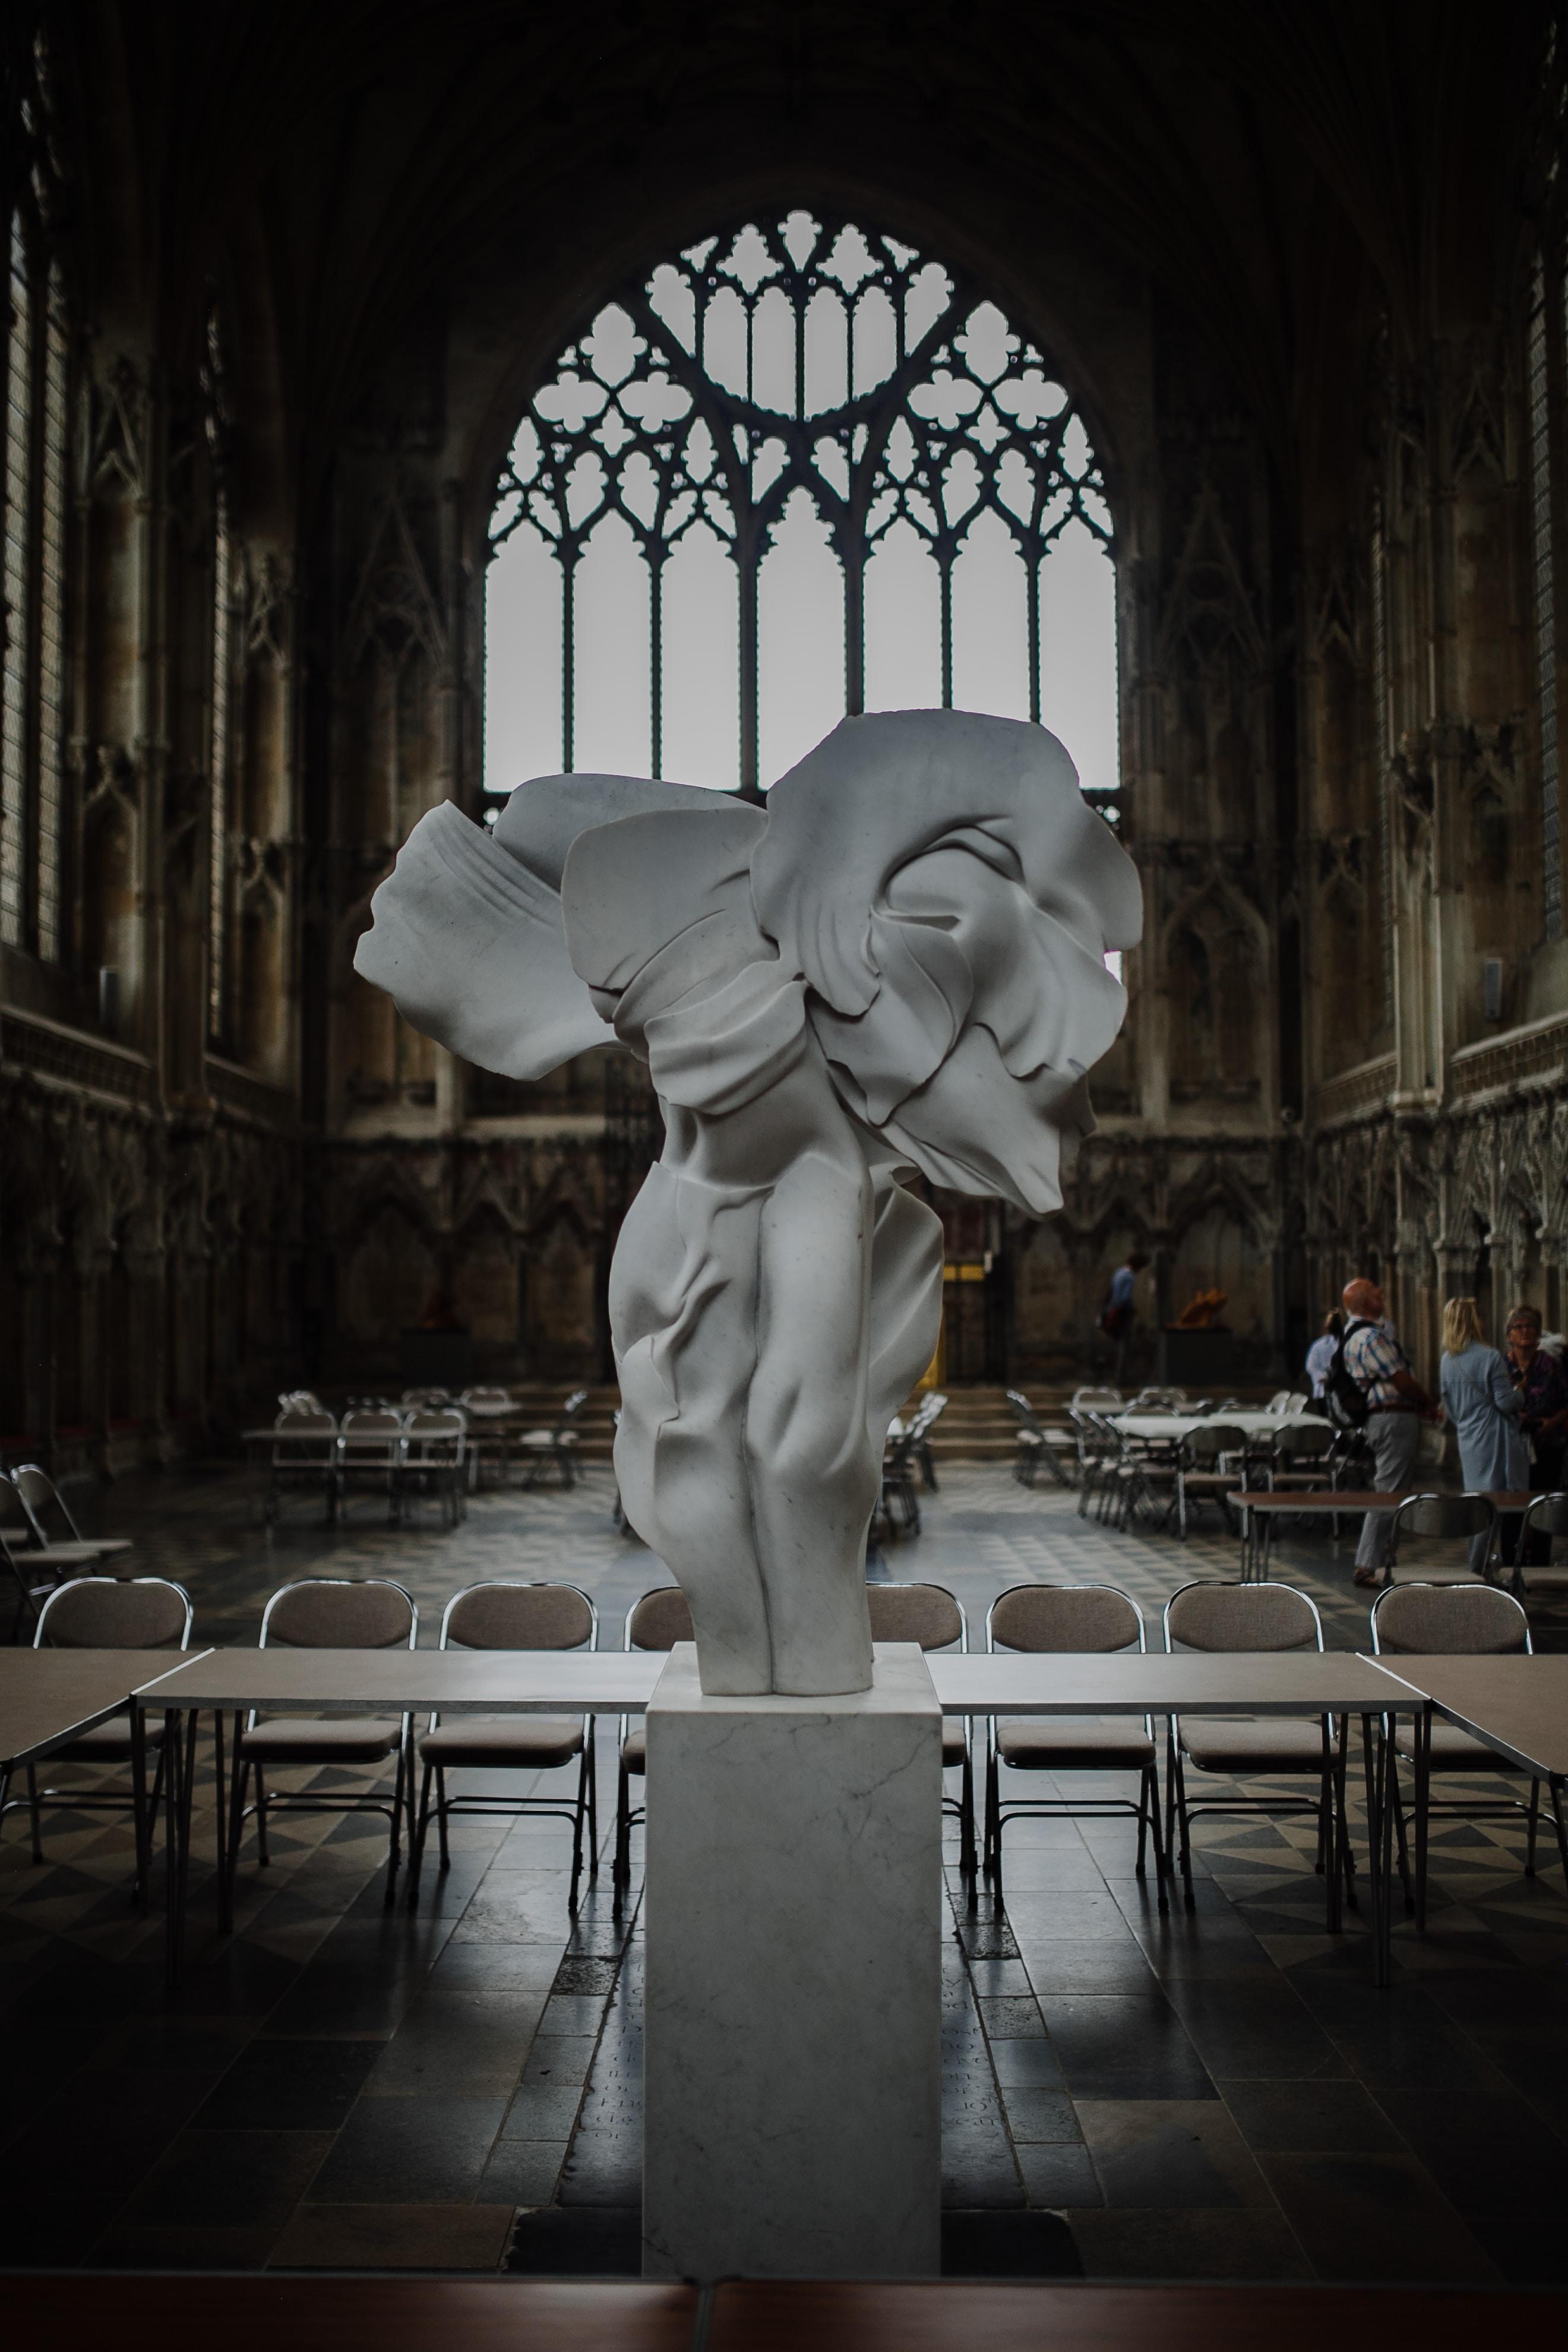 white concrete statue in room